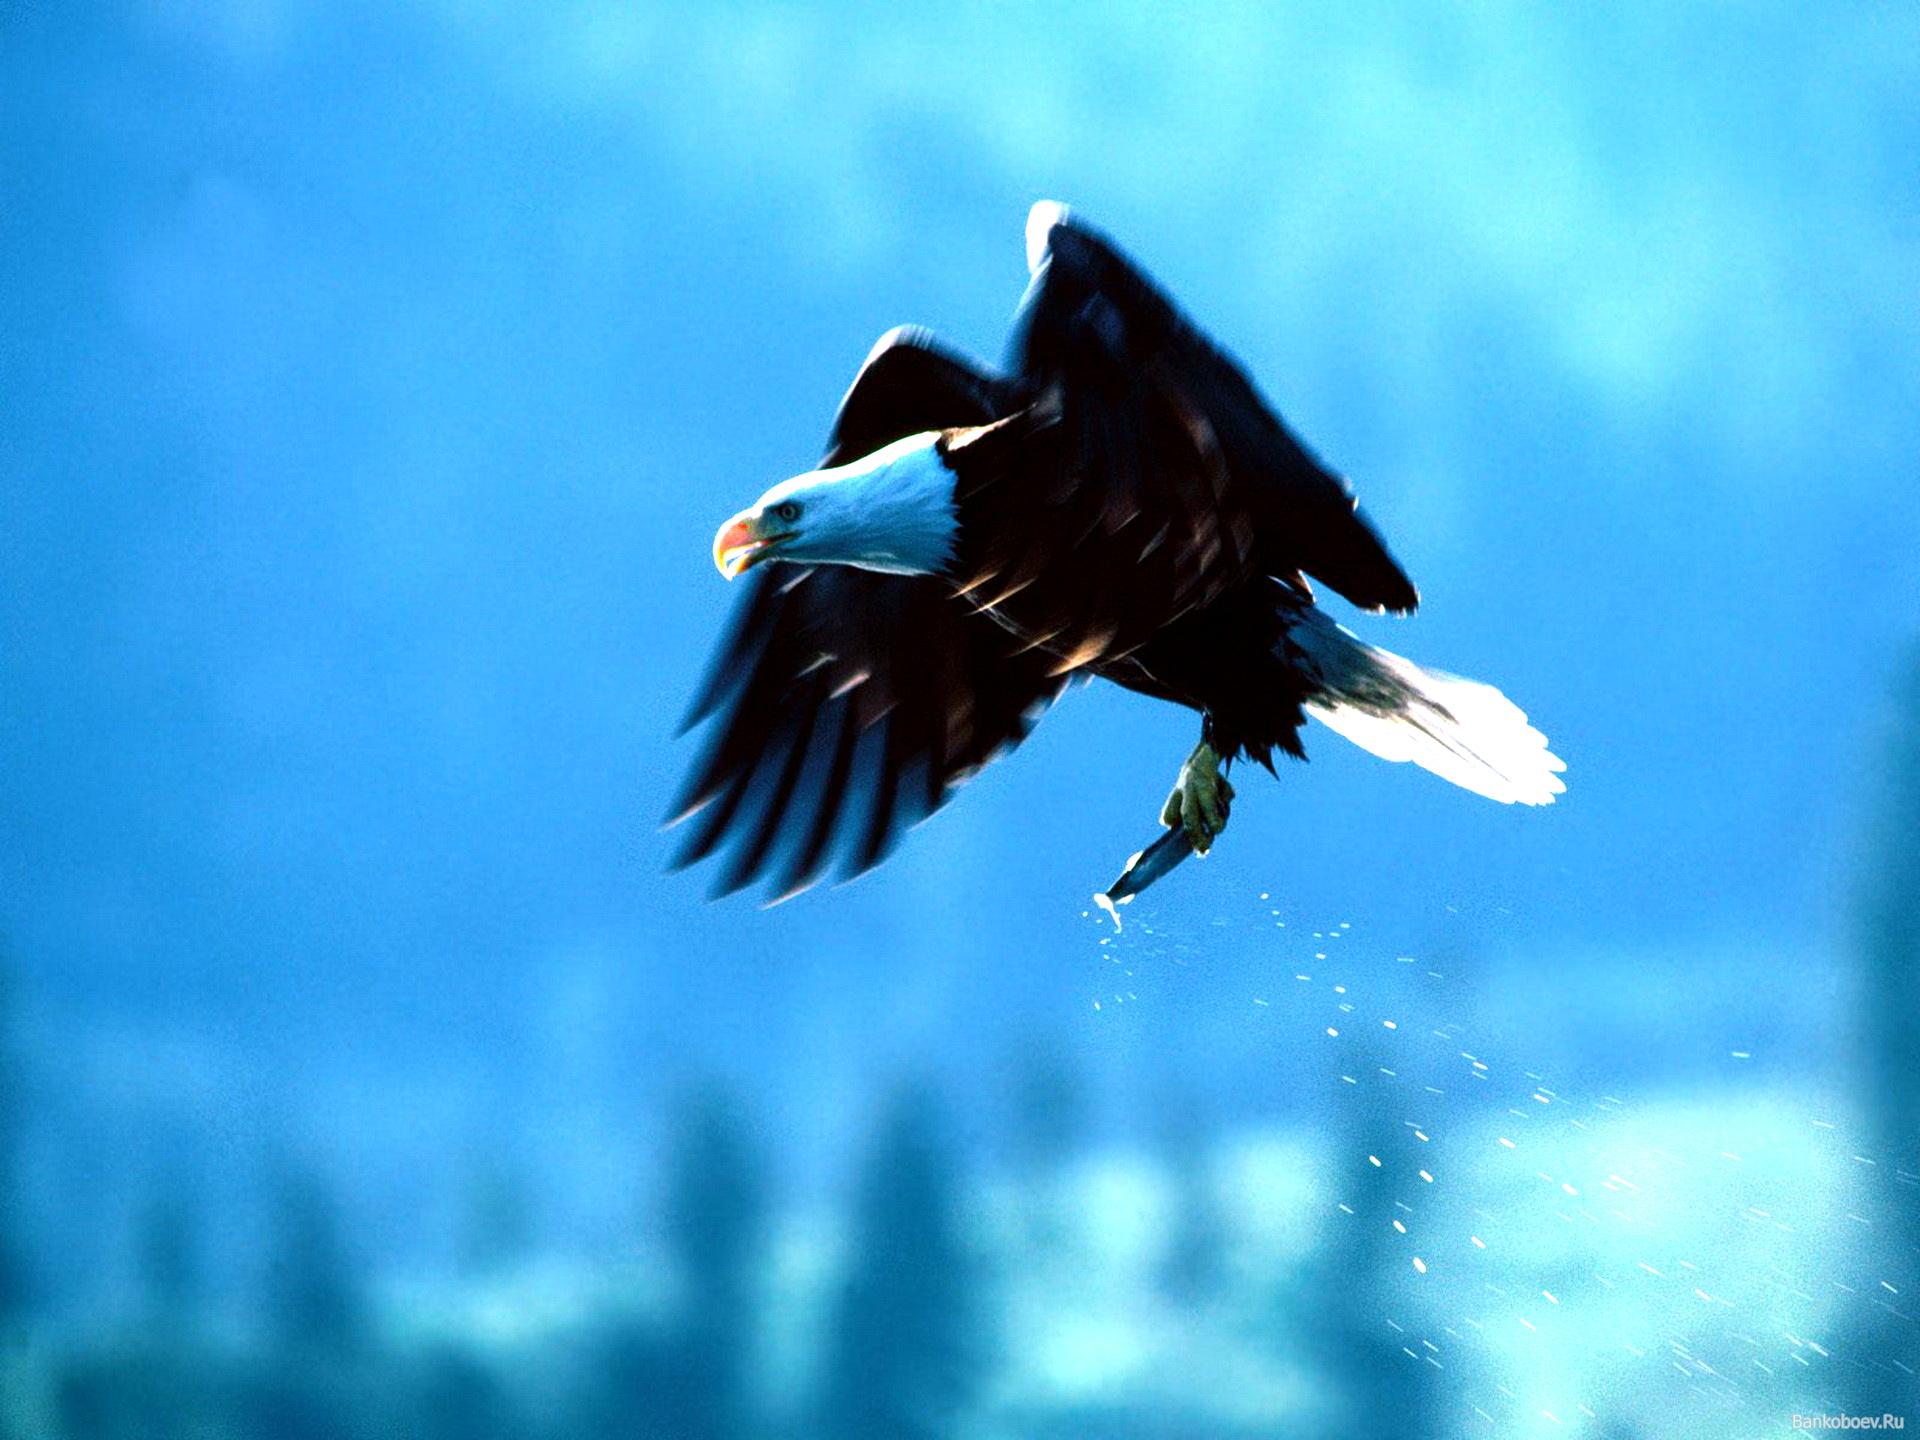 орел летит с рыбой в лапах, скачать фото, обои для рабочего стола